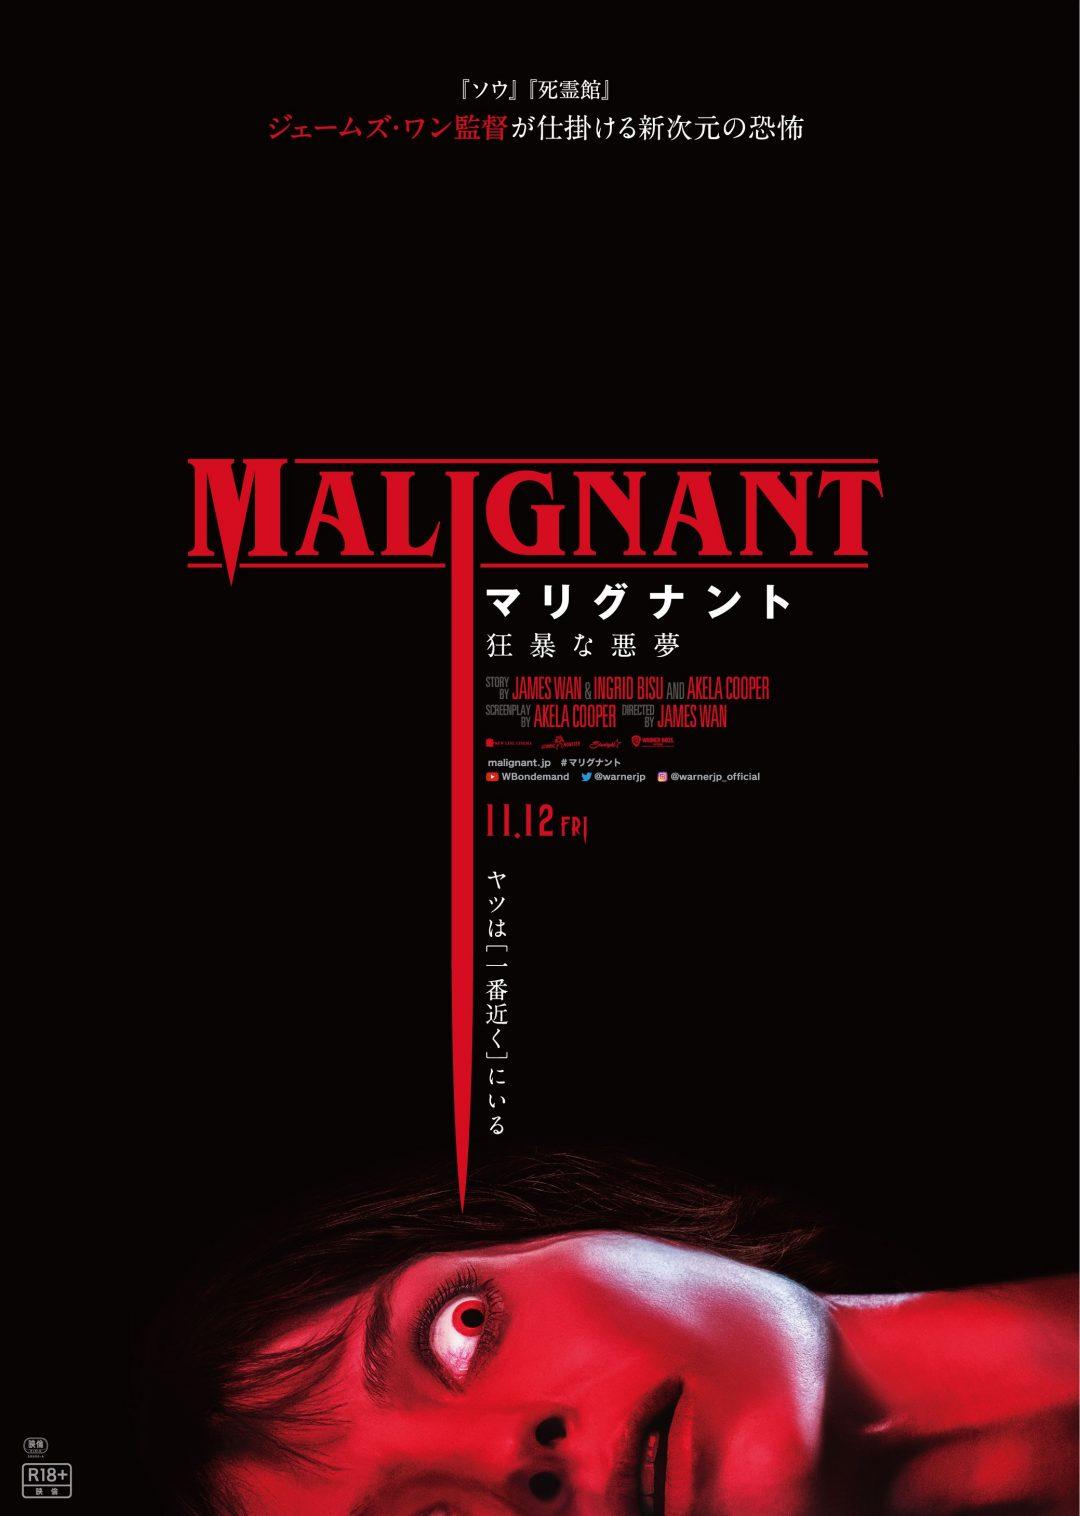 """""""ホラー界の帝王""""スティーブン・キングも絶賛!映画『マリグナント 狂暴な悪夢』熱狂コメント続出の最新スポット映像が公開"""